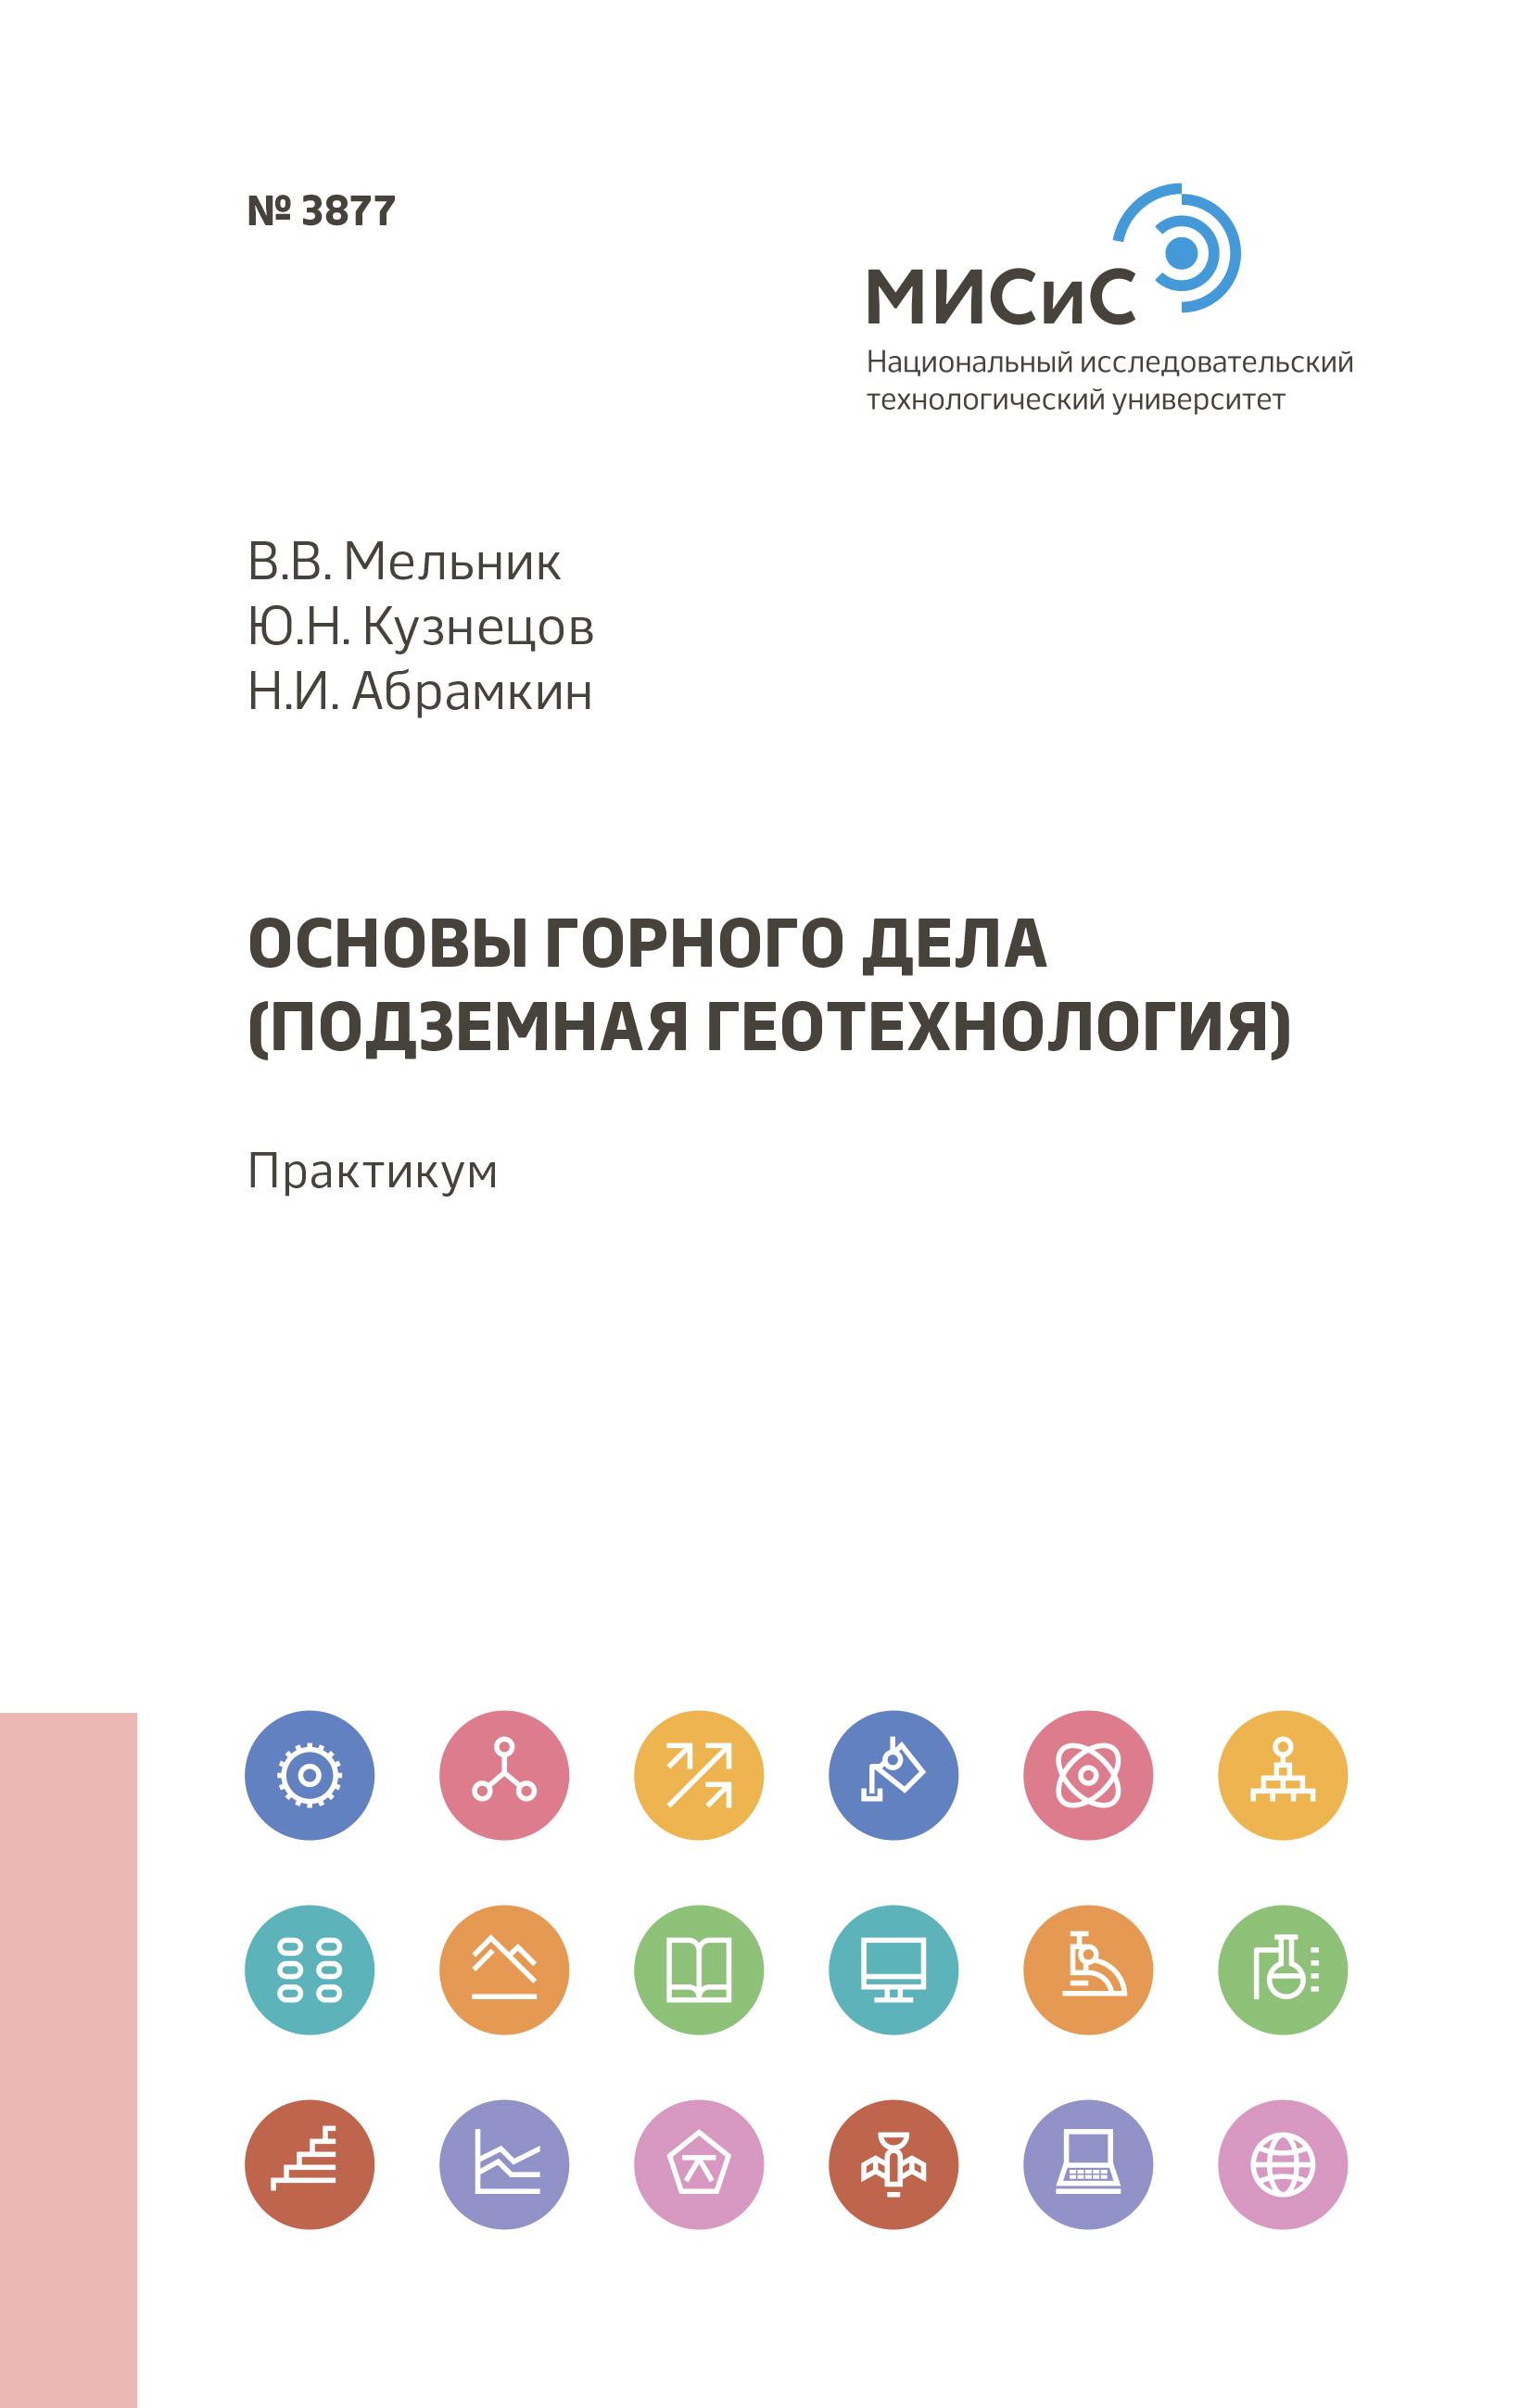 Юрий Кузнецов Основы горного дела (подземная геотехнология) коллектив авторов основы горного дела